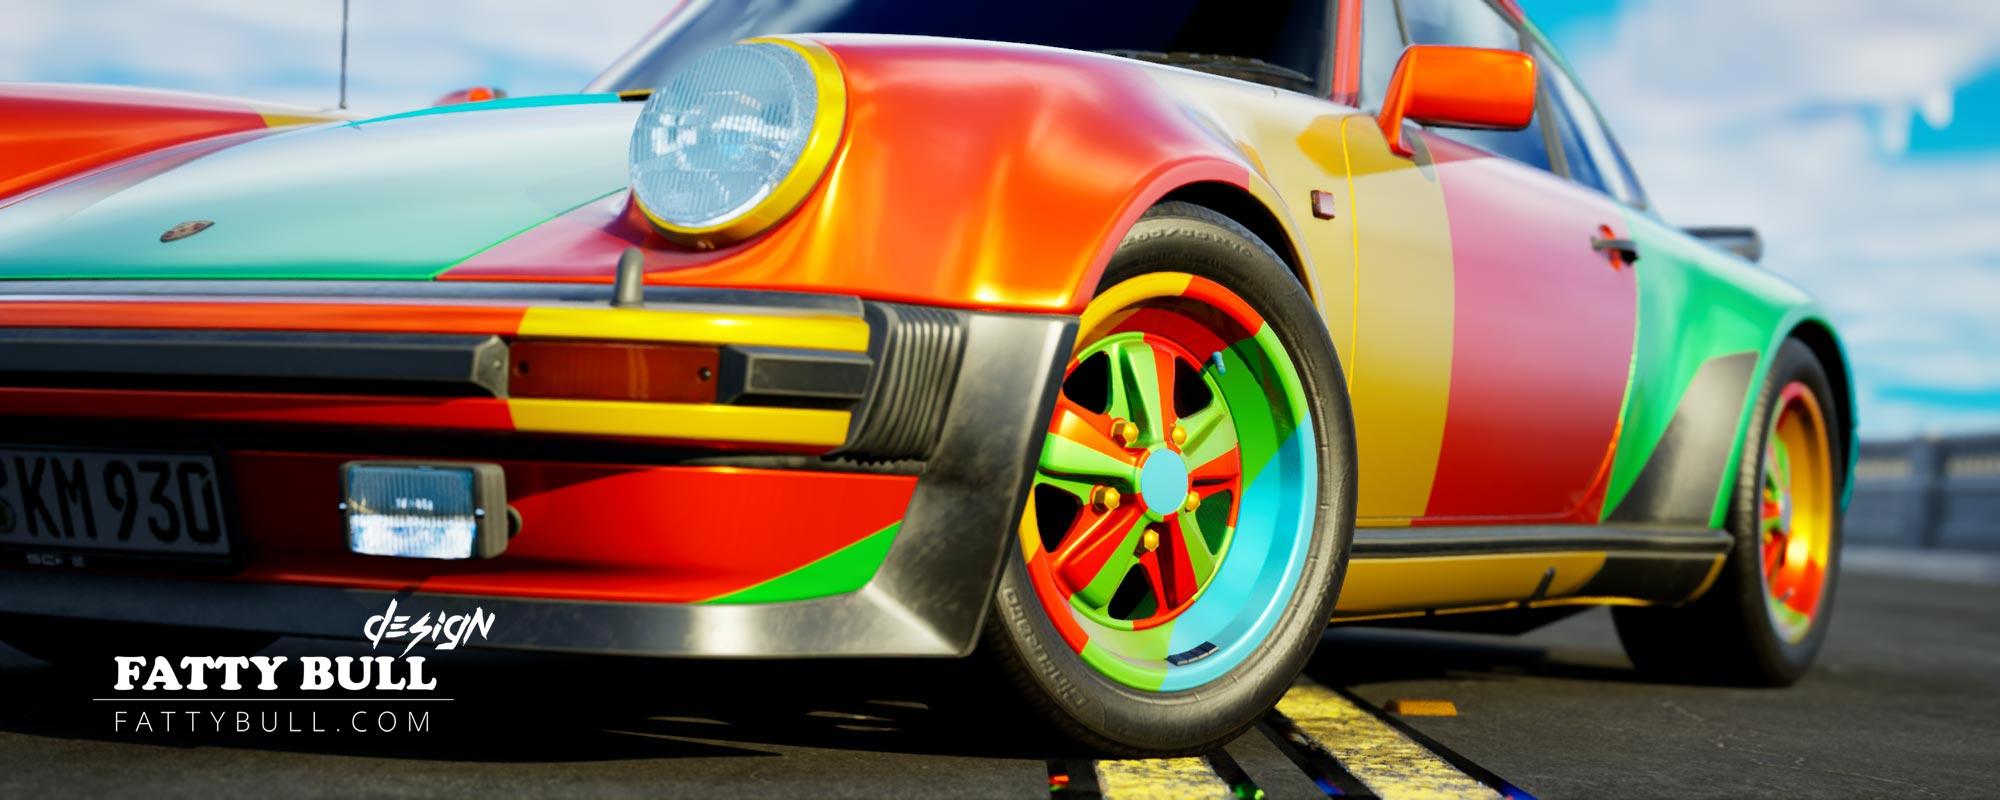 UE4 Porsche Rendering